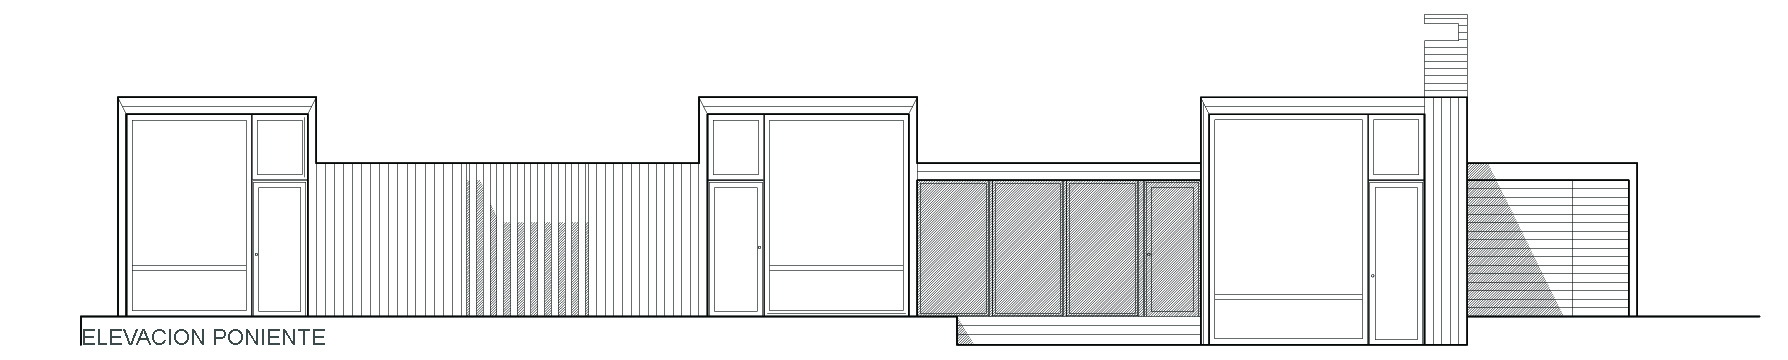 Casa La Campana - Alejandro Dumay + Francisco Vergara, Arquitectura, casas, diseño